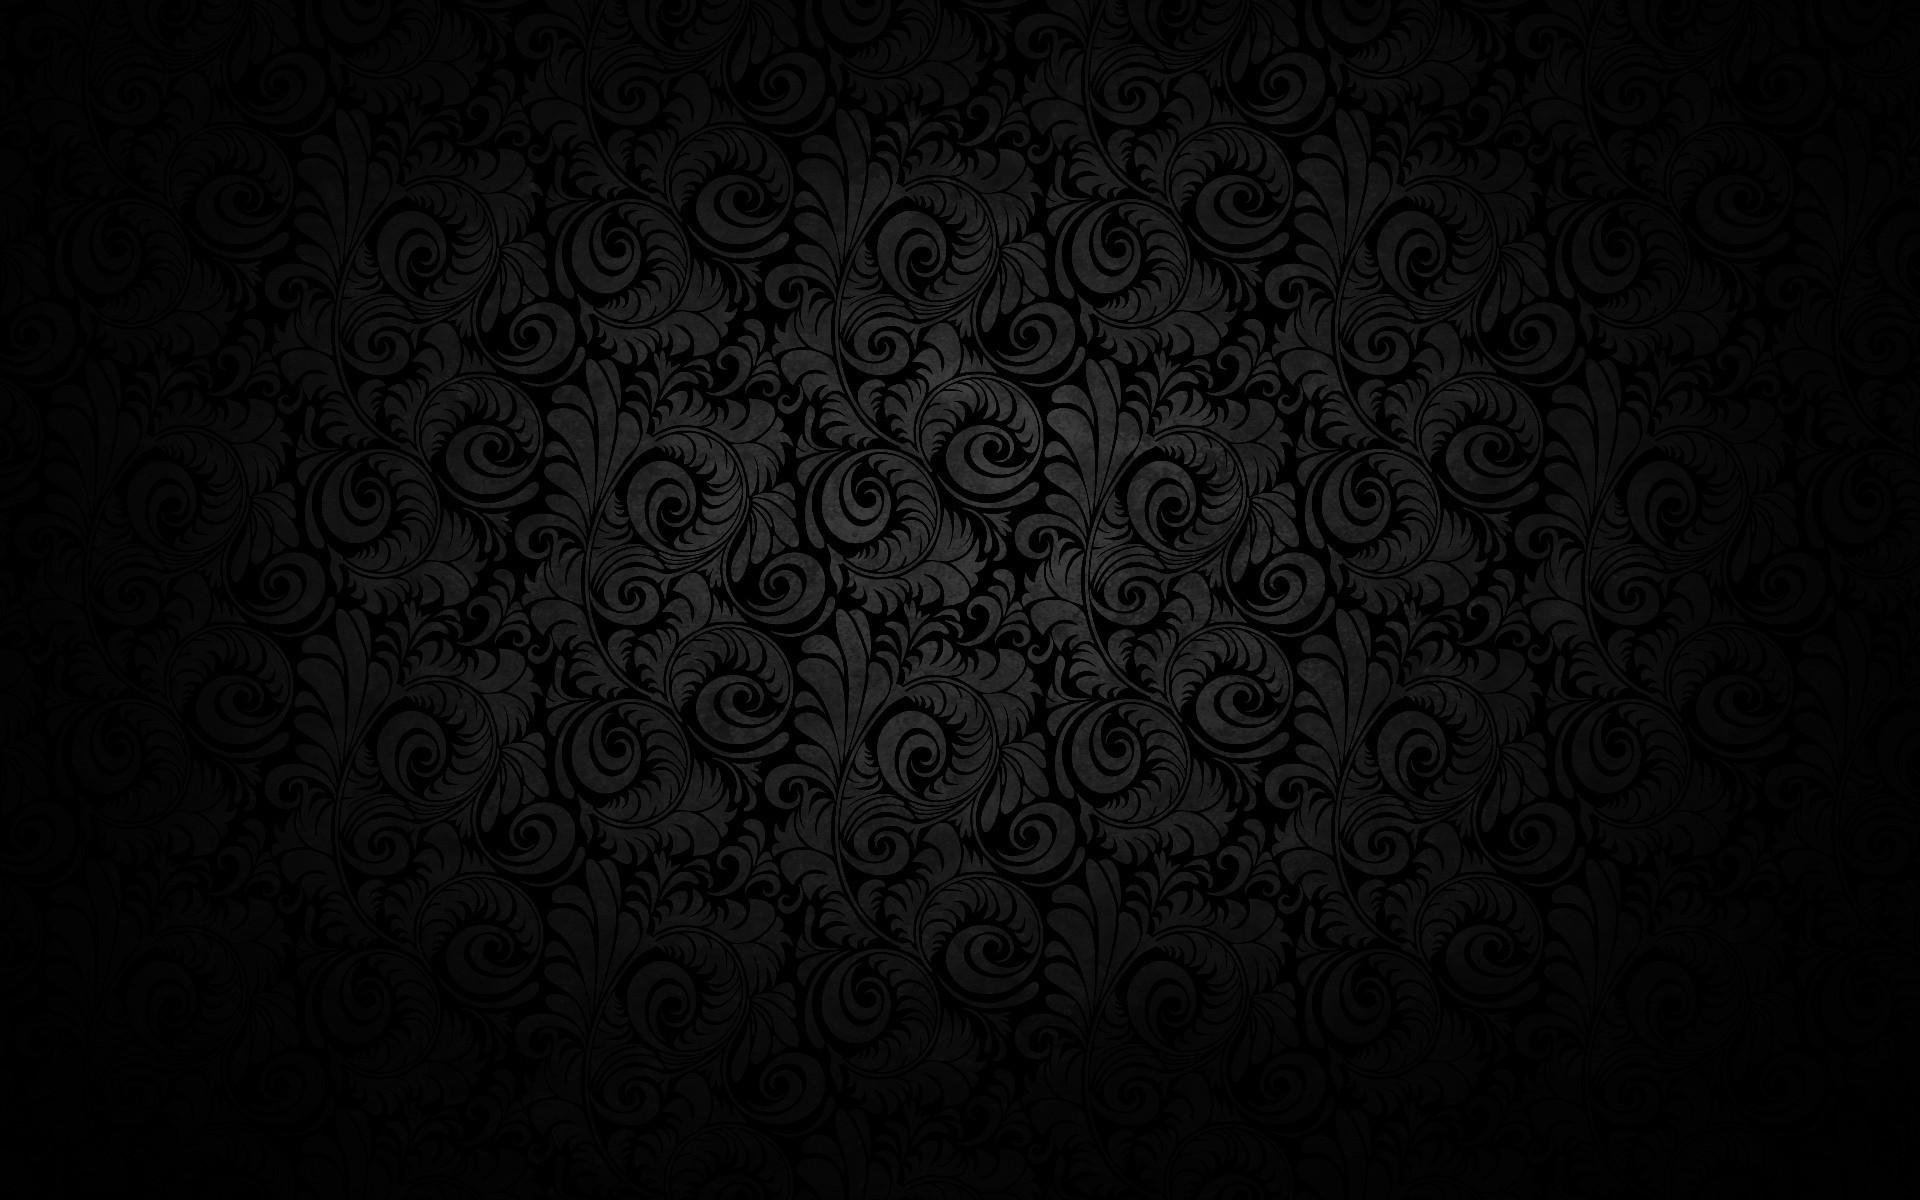 Hintergrundbilder : Schwarz, Einfarbig, Dunkler